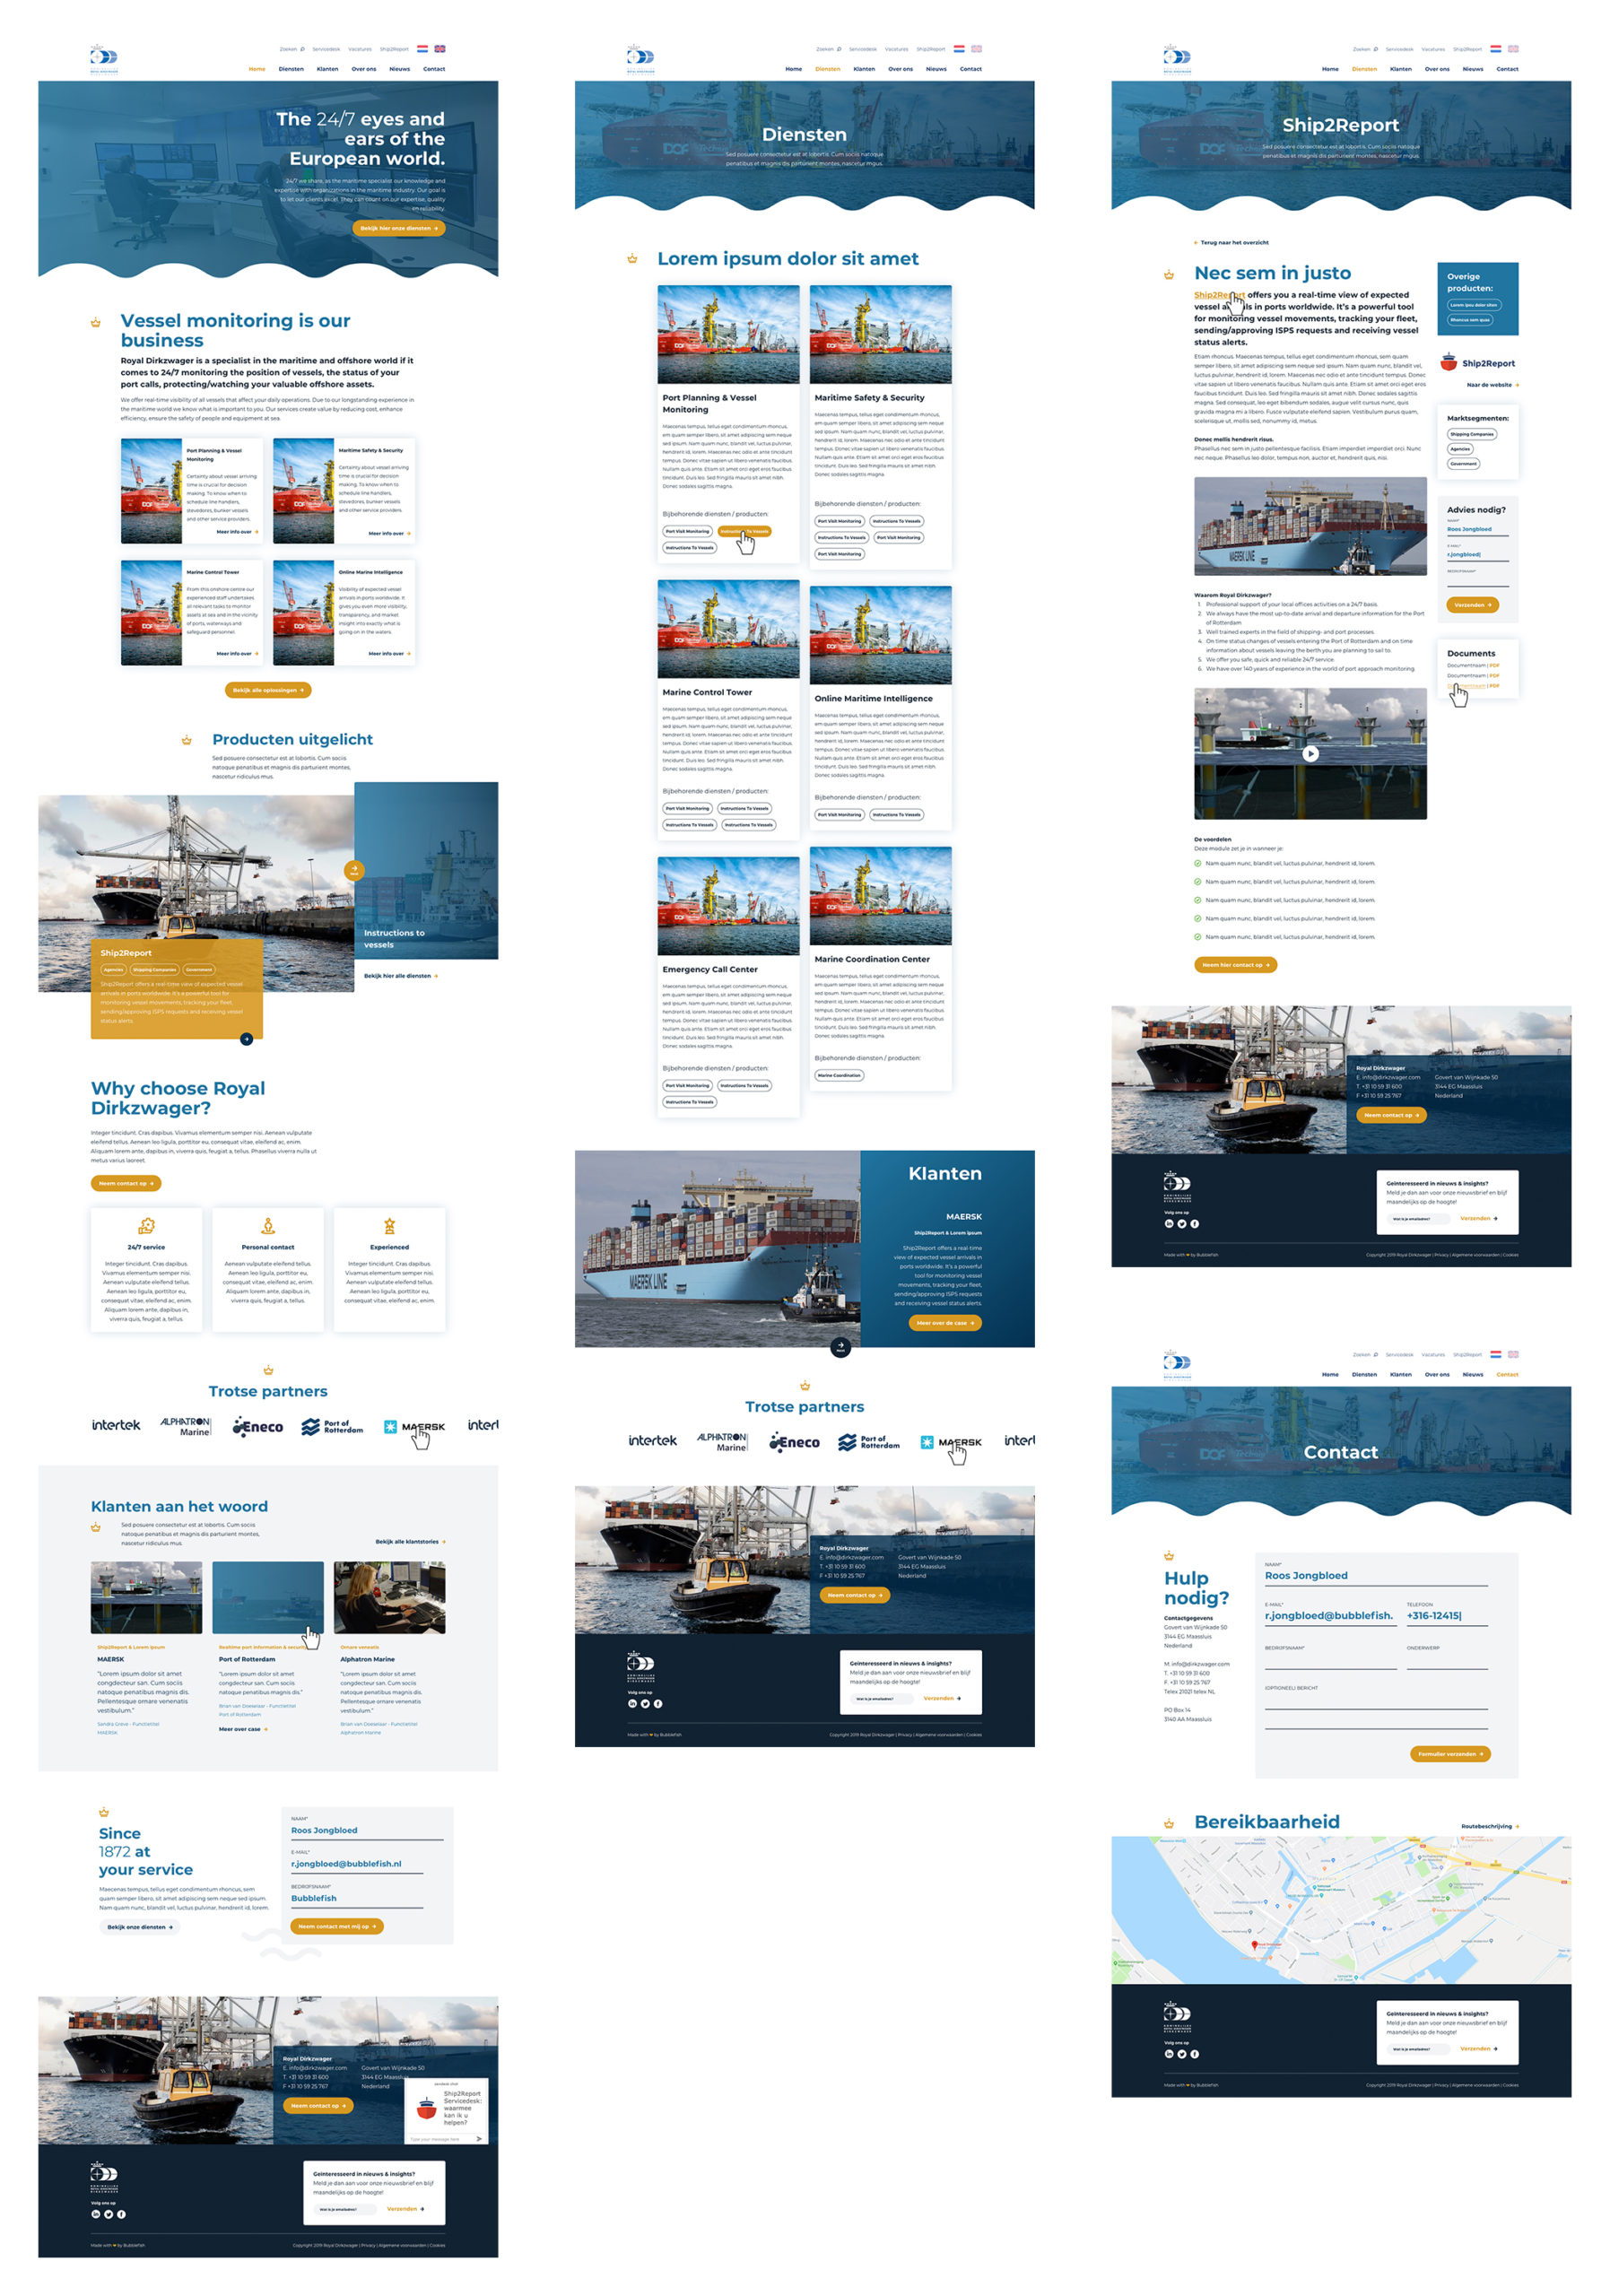 afbeelding ontwerpoverzicht website dirkzwager met homepage, diensten, contact en informatie